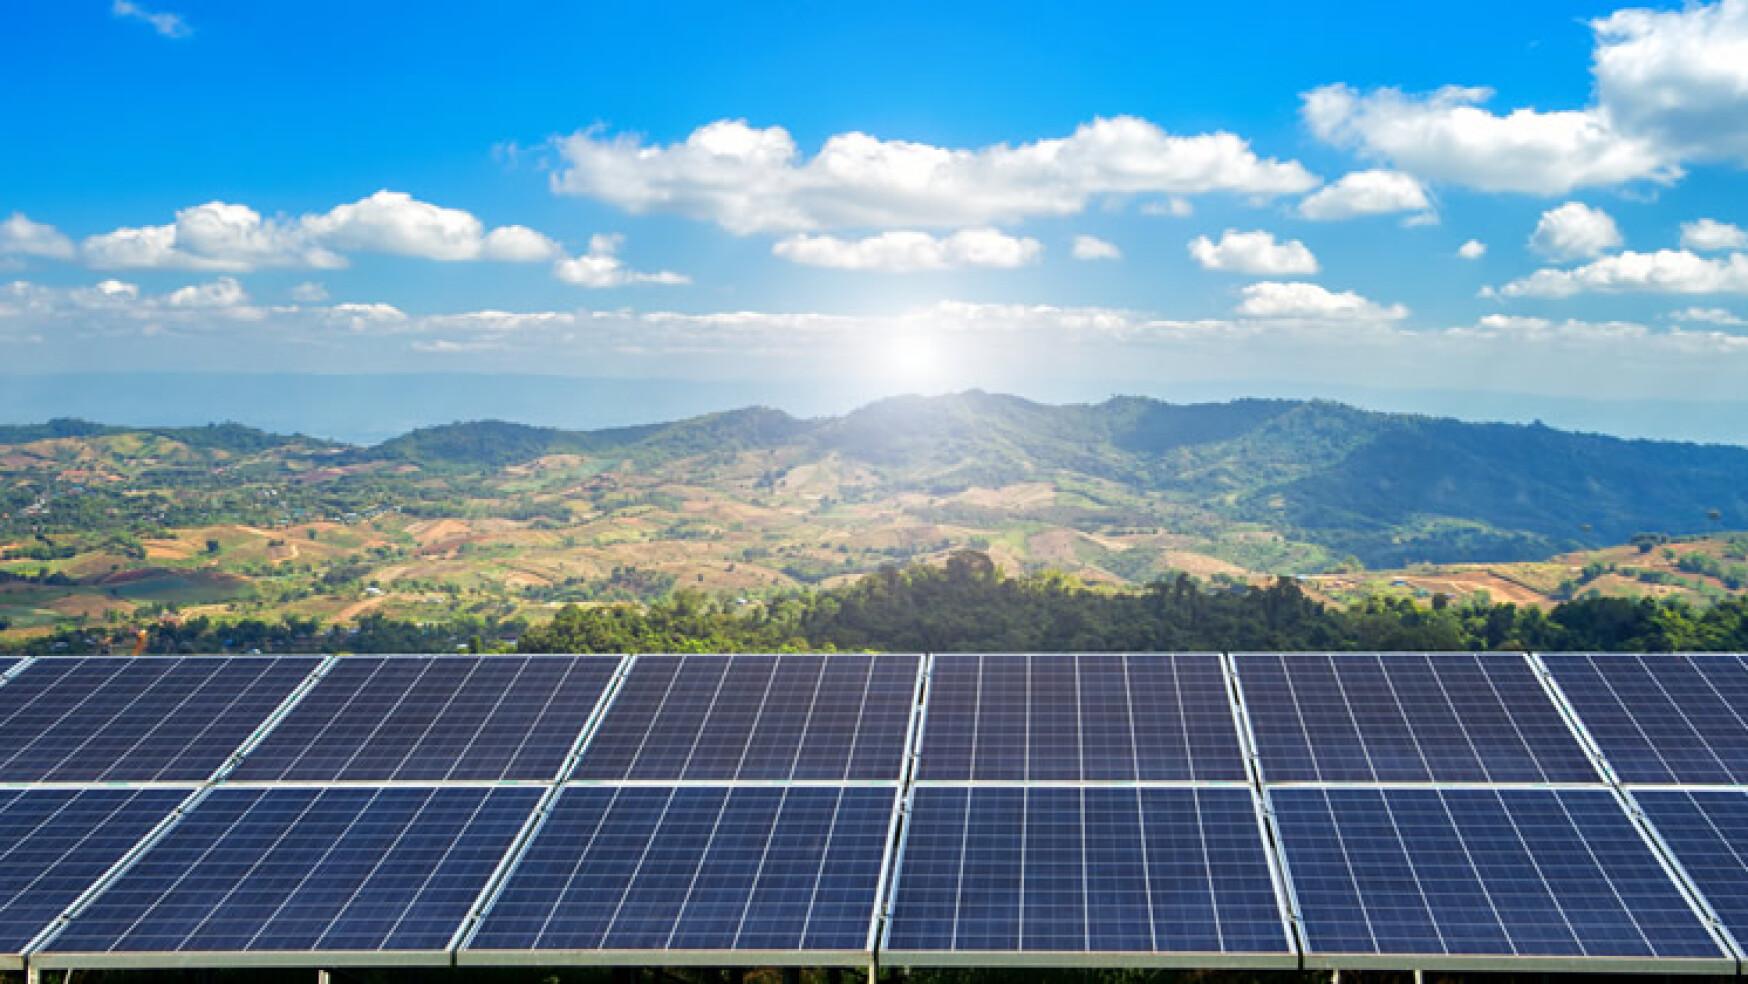 IMPIANTI SOLARI  E RIFACIMENTI  IDROELETTRICI, 41 MW ALL'ENEL